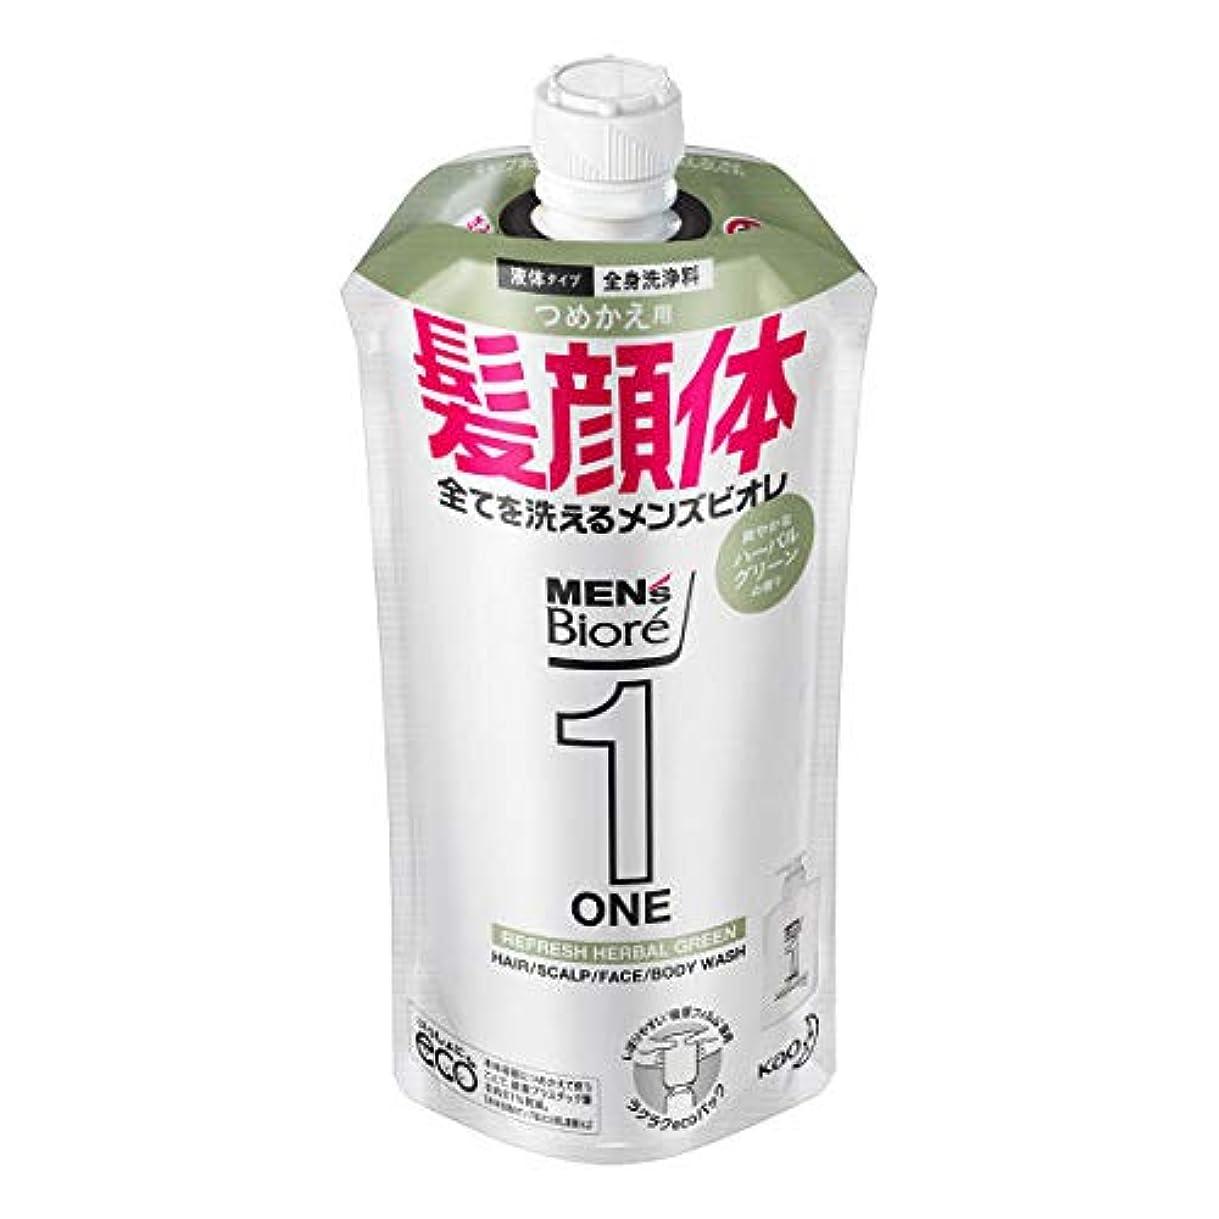 葡萄とんでもないアプライアンスメンズビオレONE オールインワン全身洗浄料 爽やかなハーブルグリーンの香り つめかえ用 340mL